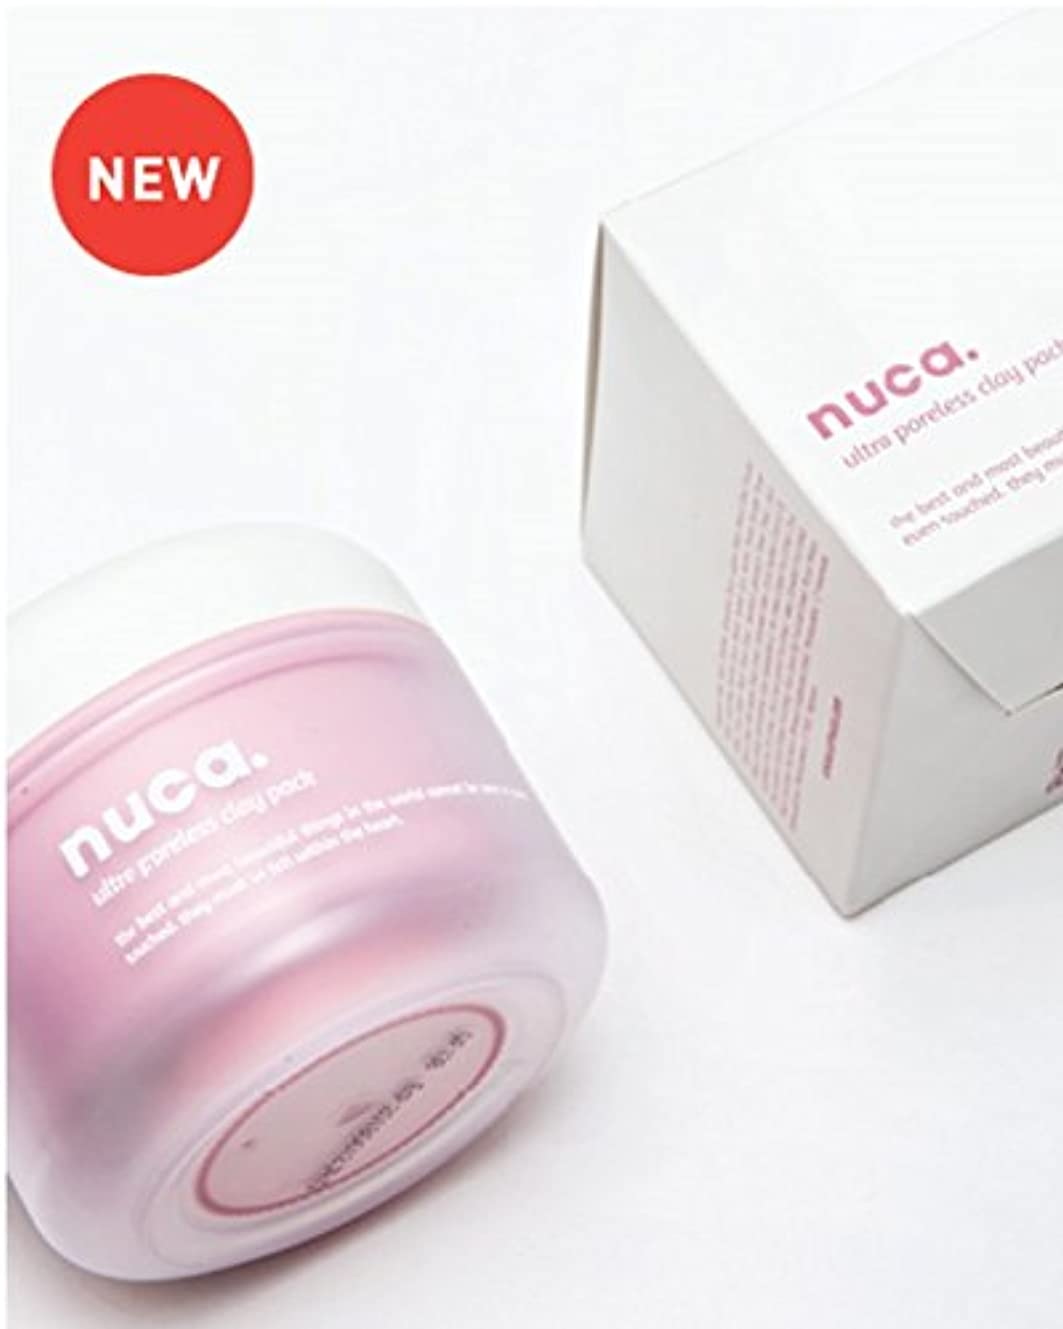 文言農村振り向く[NUCA]ツヤのある肌のために!! ウルトラ・フォアレス・クレイパック(Ultra Poreless Clay Pack) [並行輸入品]